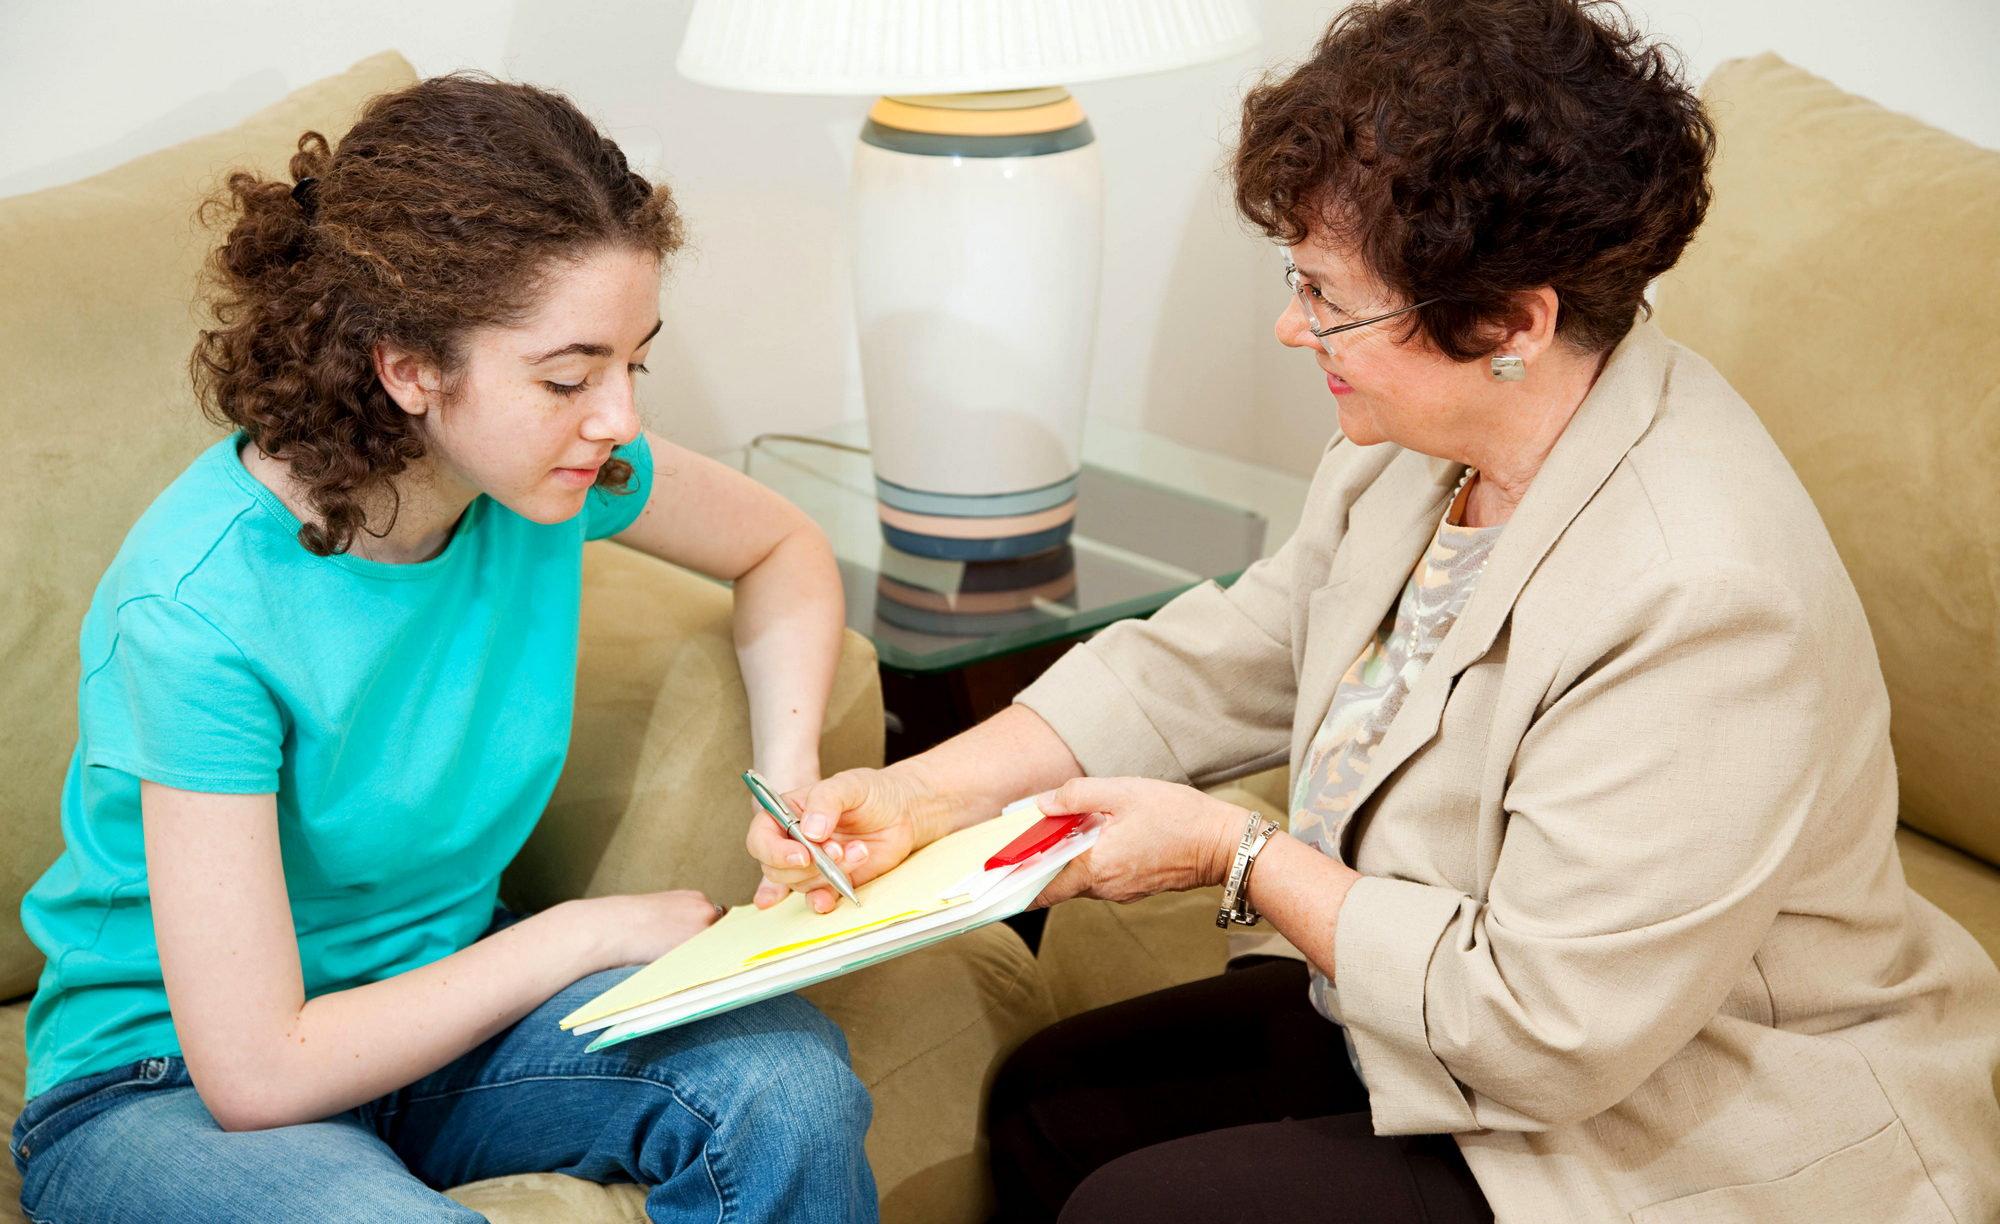 Дополнительно делаются проективные тесты, которые помогут определить подсознательные чувства